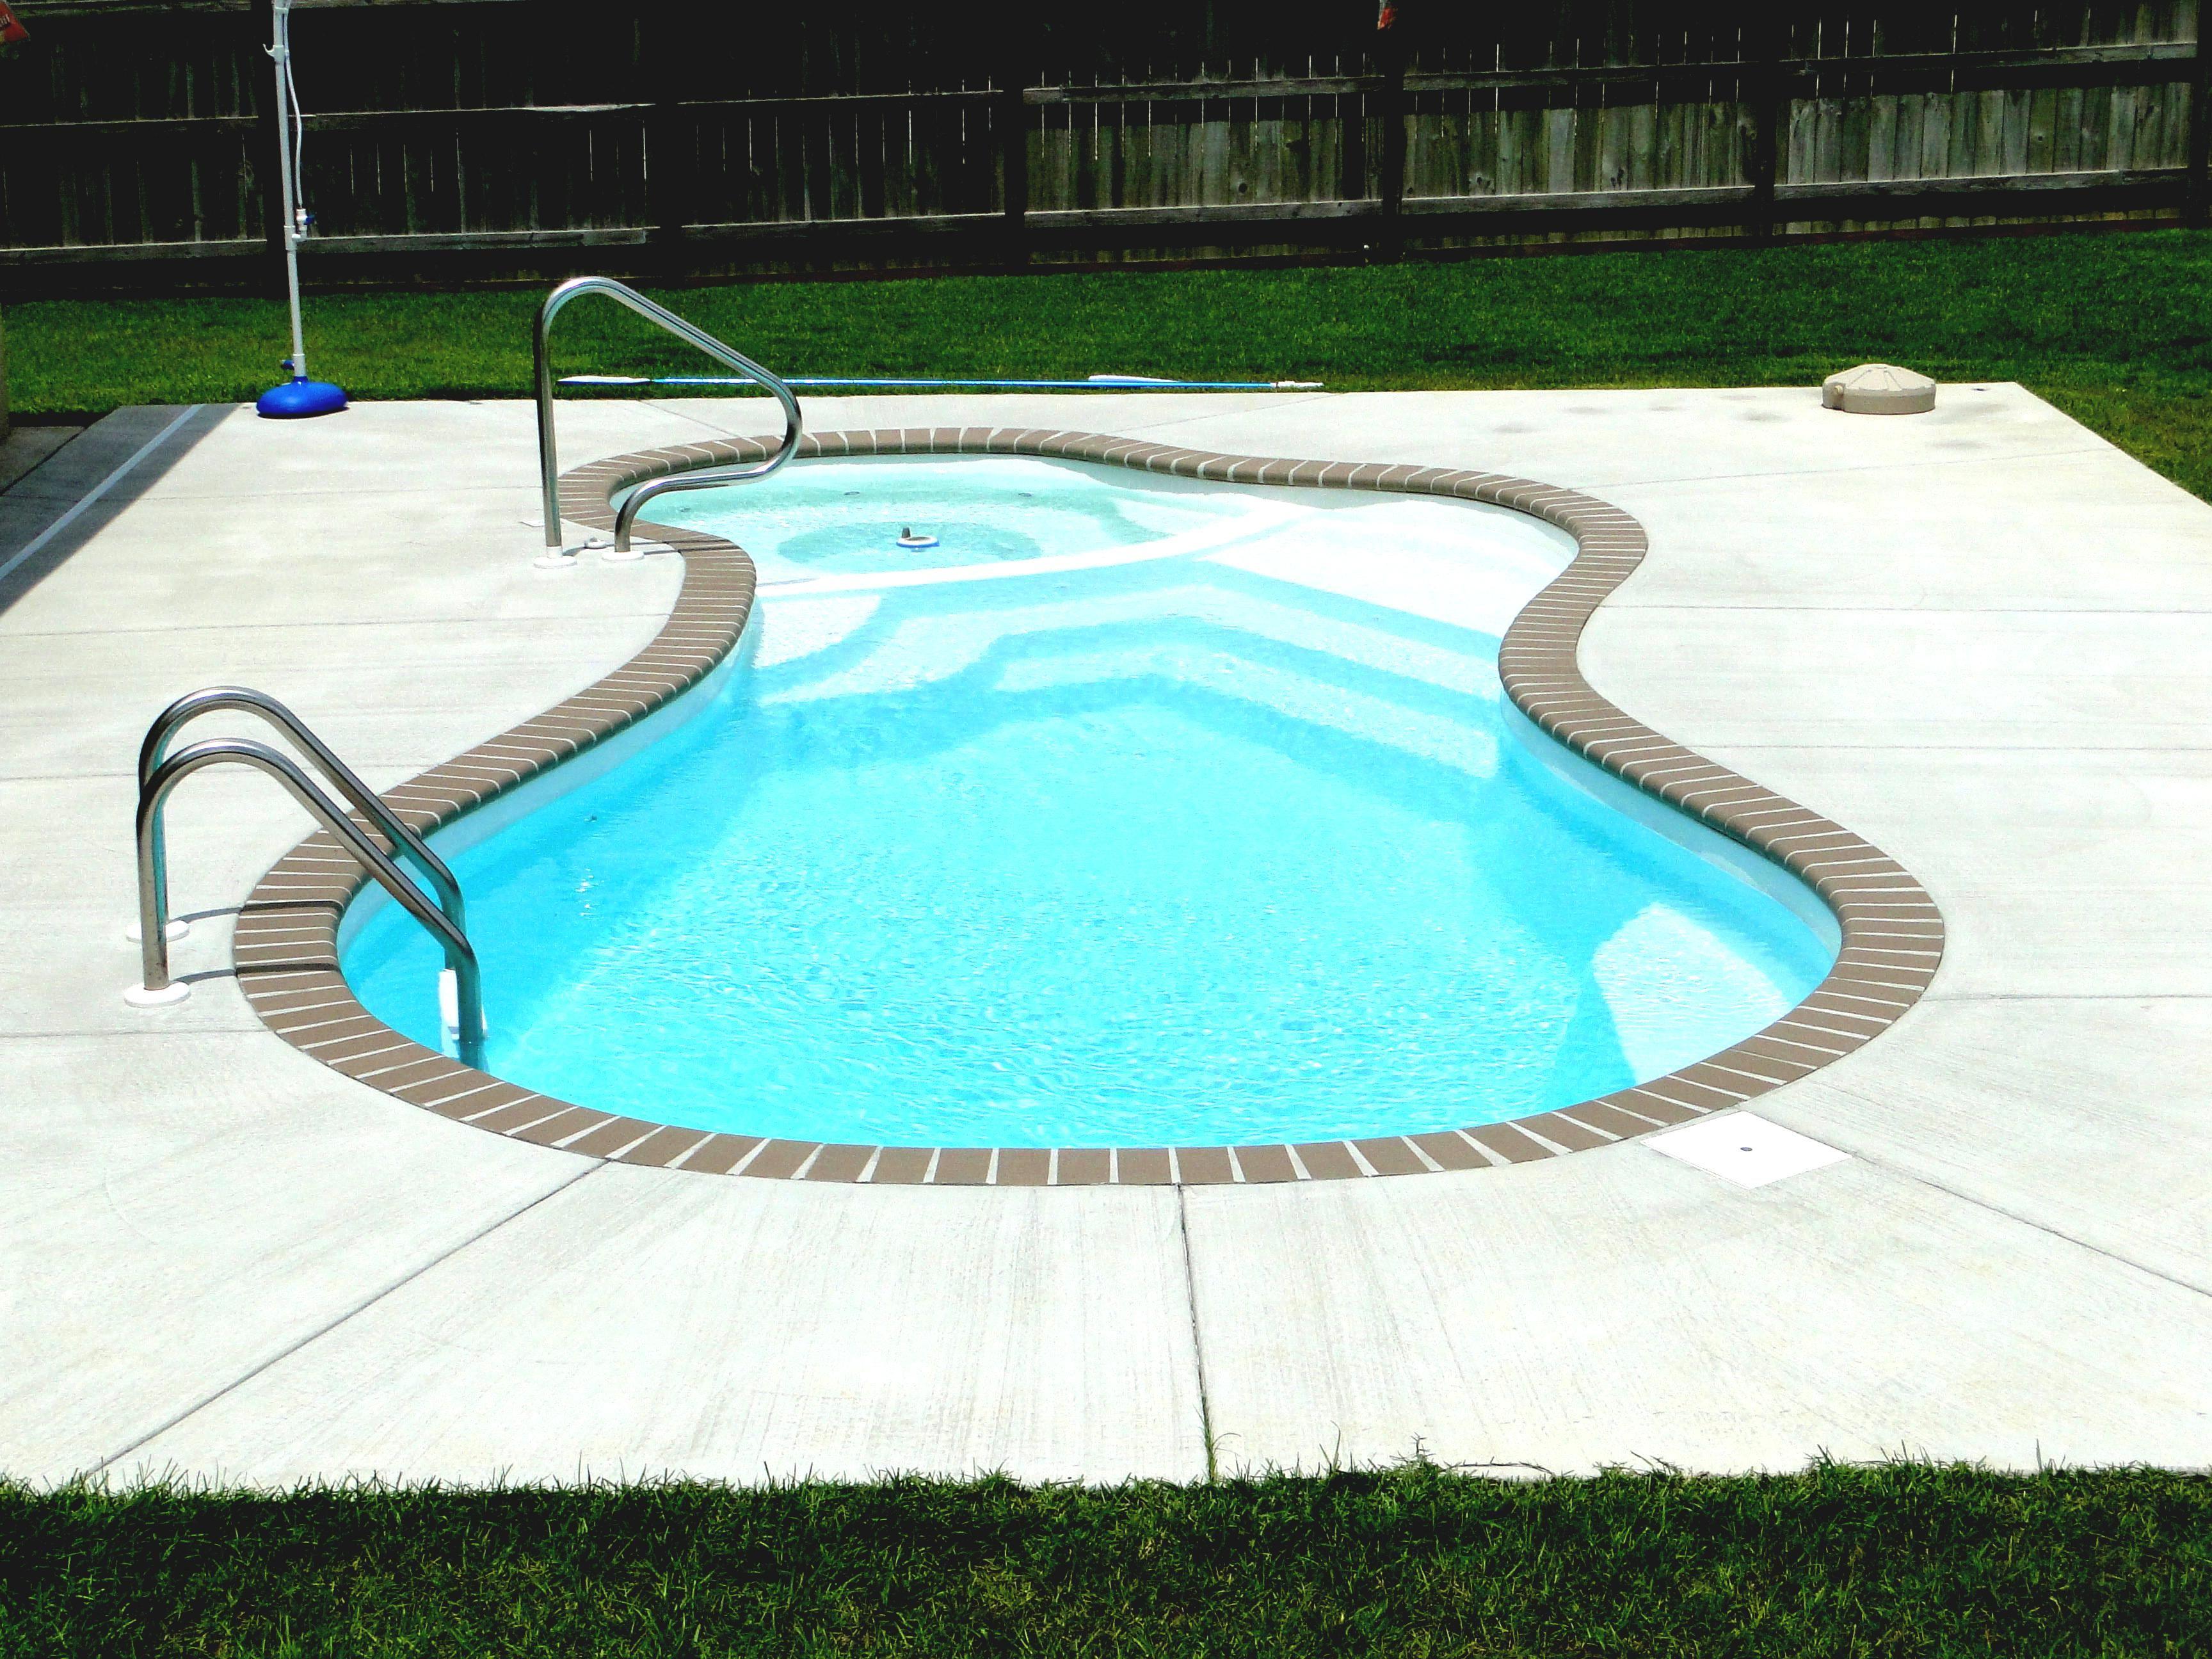 schwimmbad designs f r kleine hinterh fe trends mit garten gartendeko gartendeko small. Black Bedroom Furniture Sets. Home Design Ideas